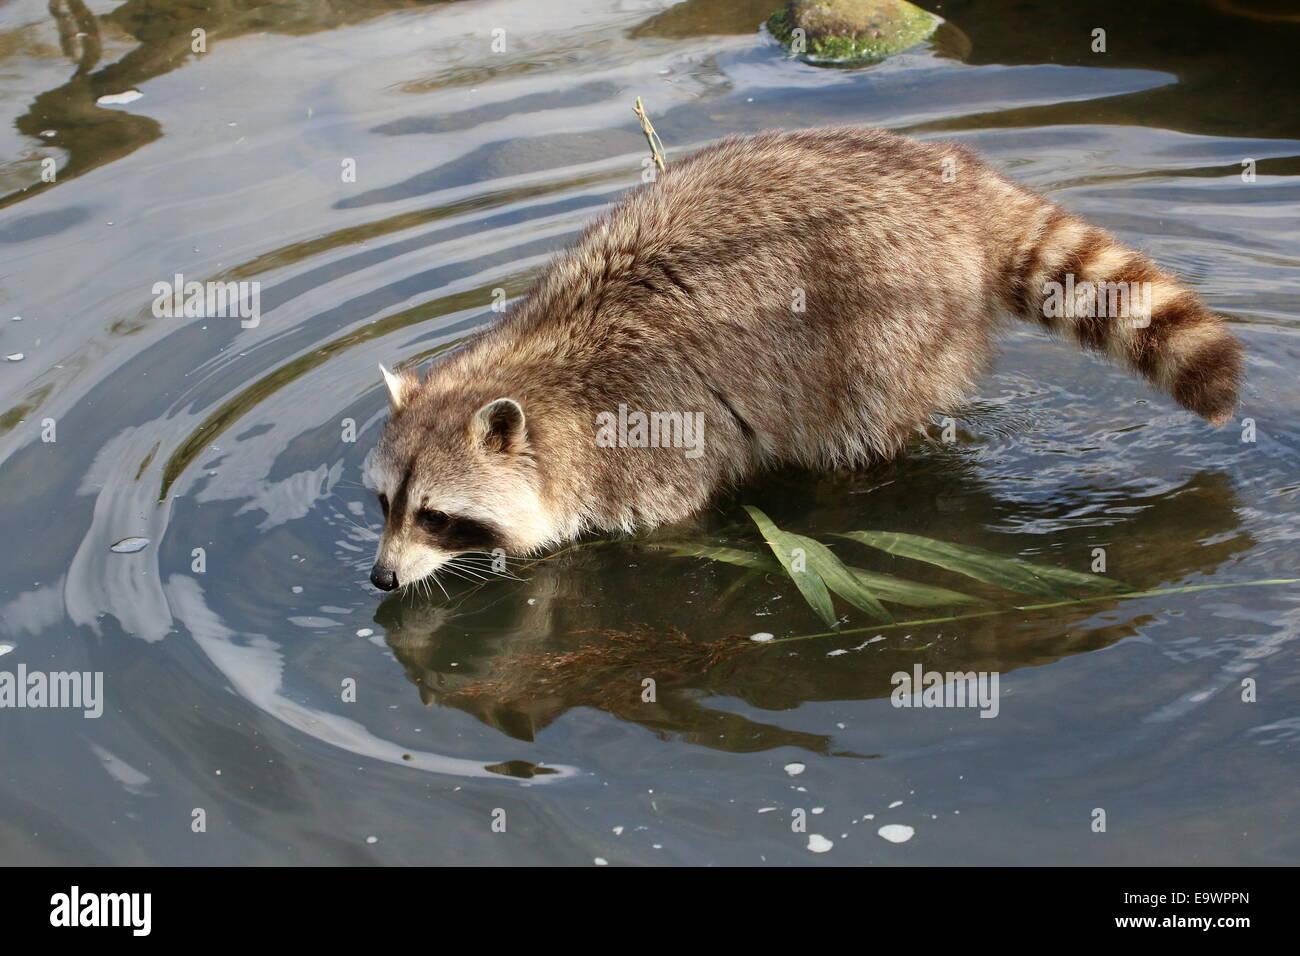 O el norte de América del Norte ( Procyon lotor mapache) caminando por el agua Imagen De Stock